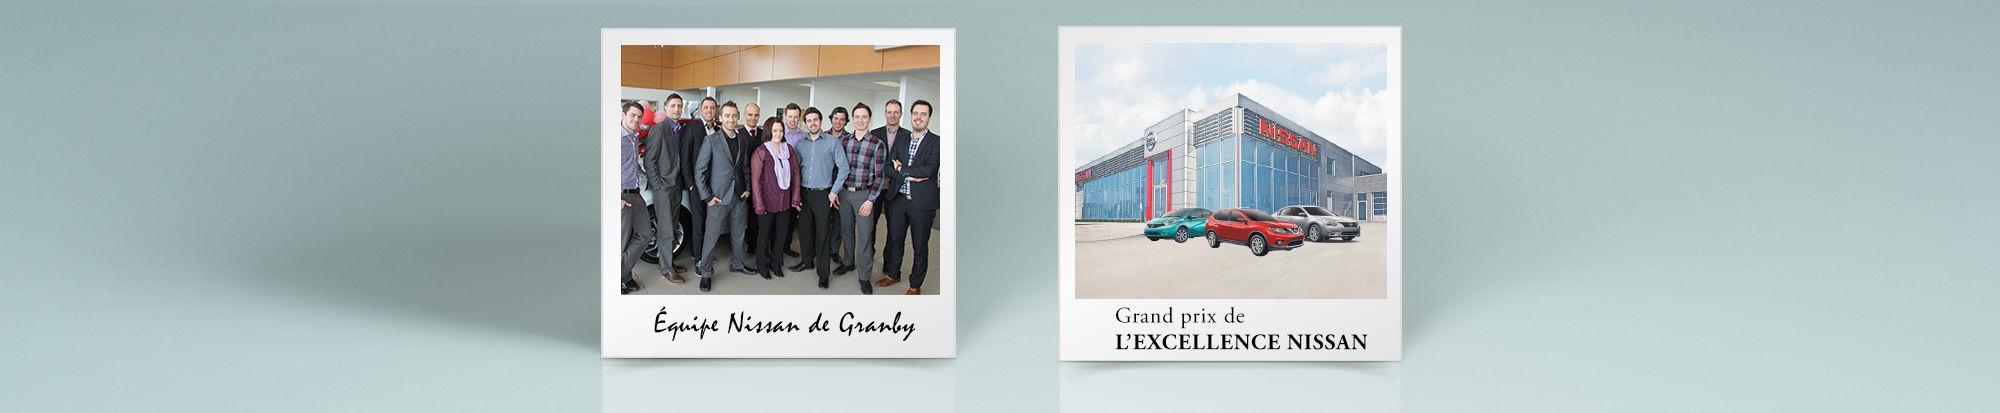 Nissan de Granby: Le Grand prix de l'excellence